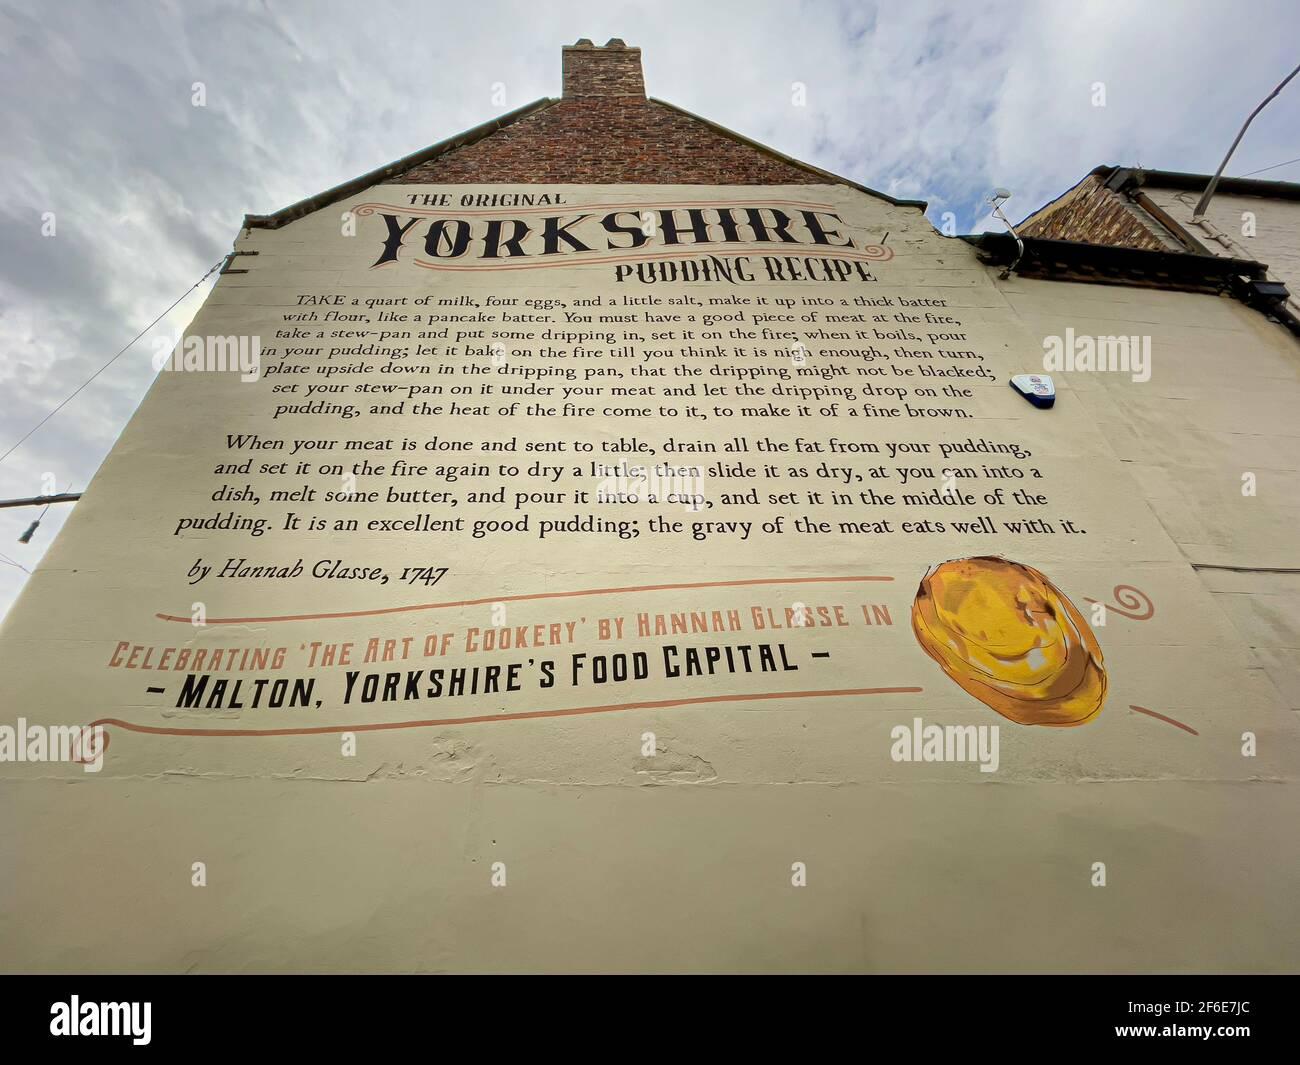 Muro murale della ricetta originale Yorkshire pudding di Hannah Glasse dal suo libro The Art of Cookery Made Plain and Easy. Malton, Foto Stock